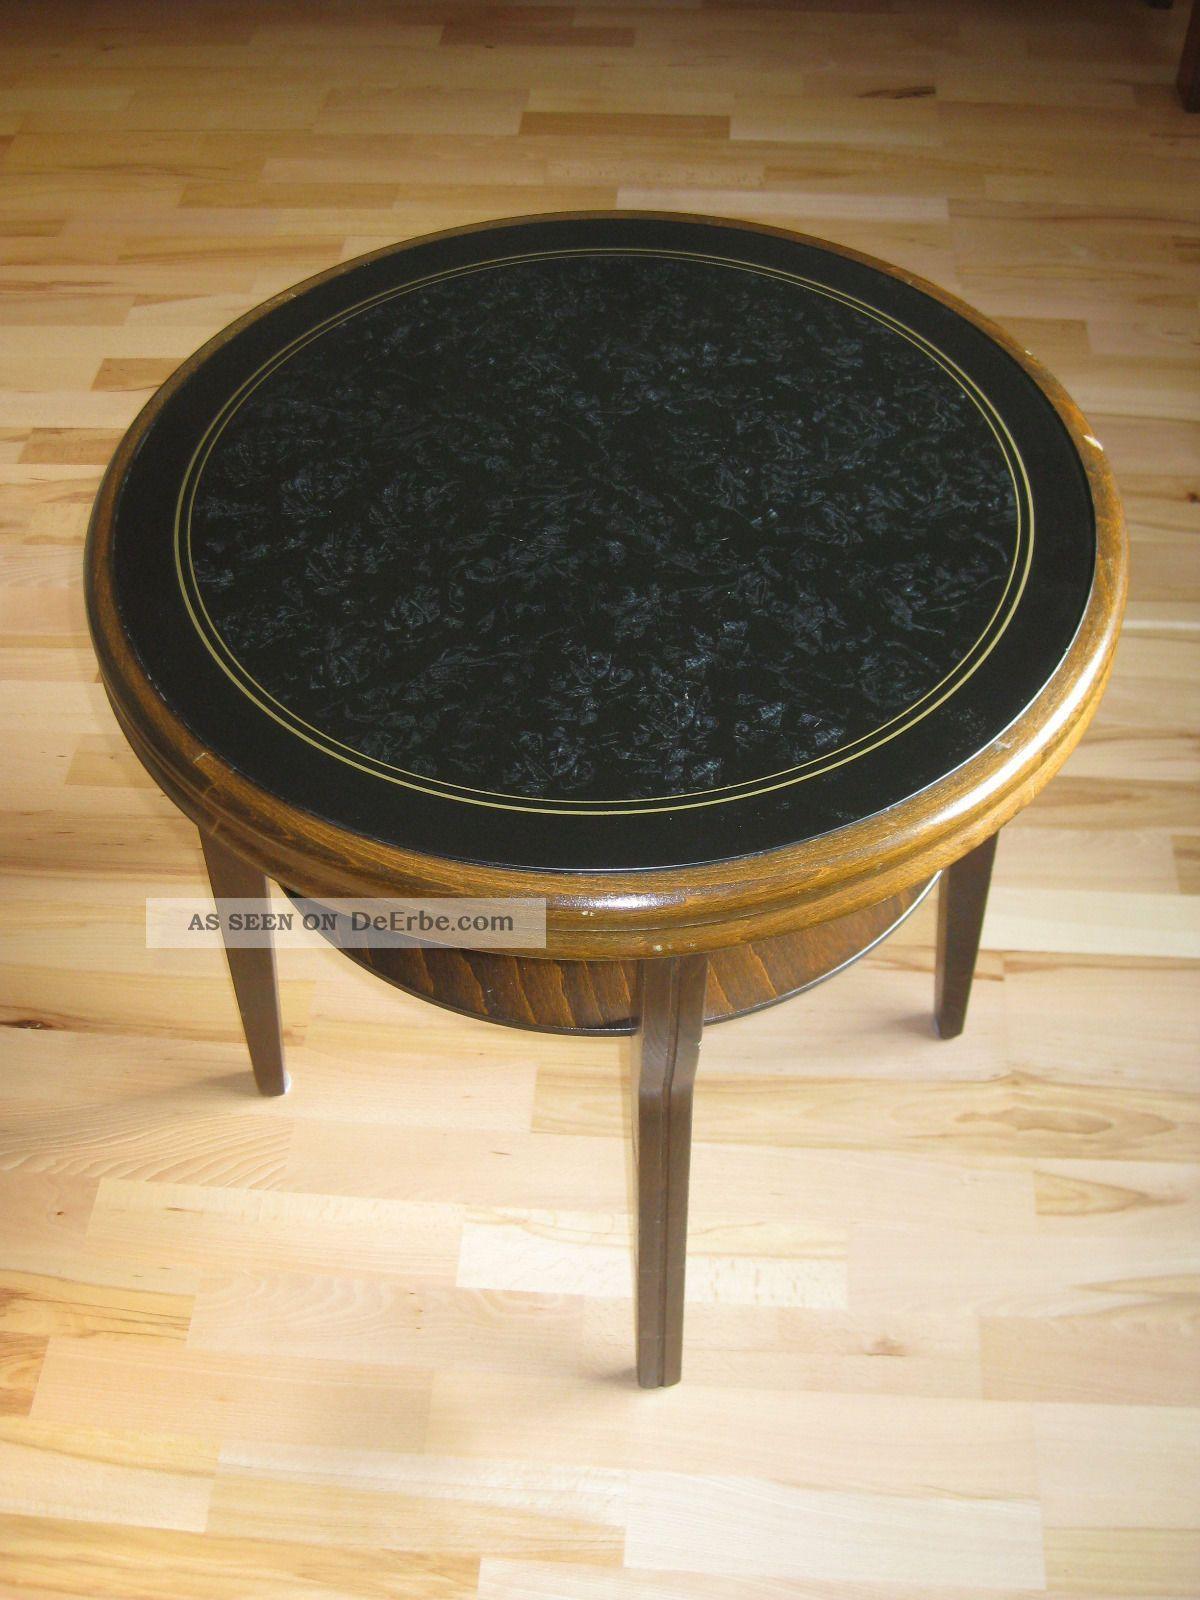 Runder Tisch Rauchtisch Beistelltisch Ilse Möbel 50er Jahre 1950